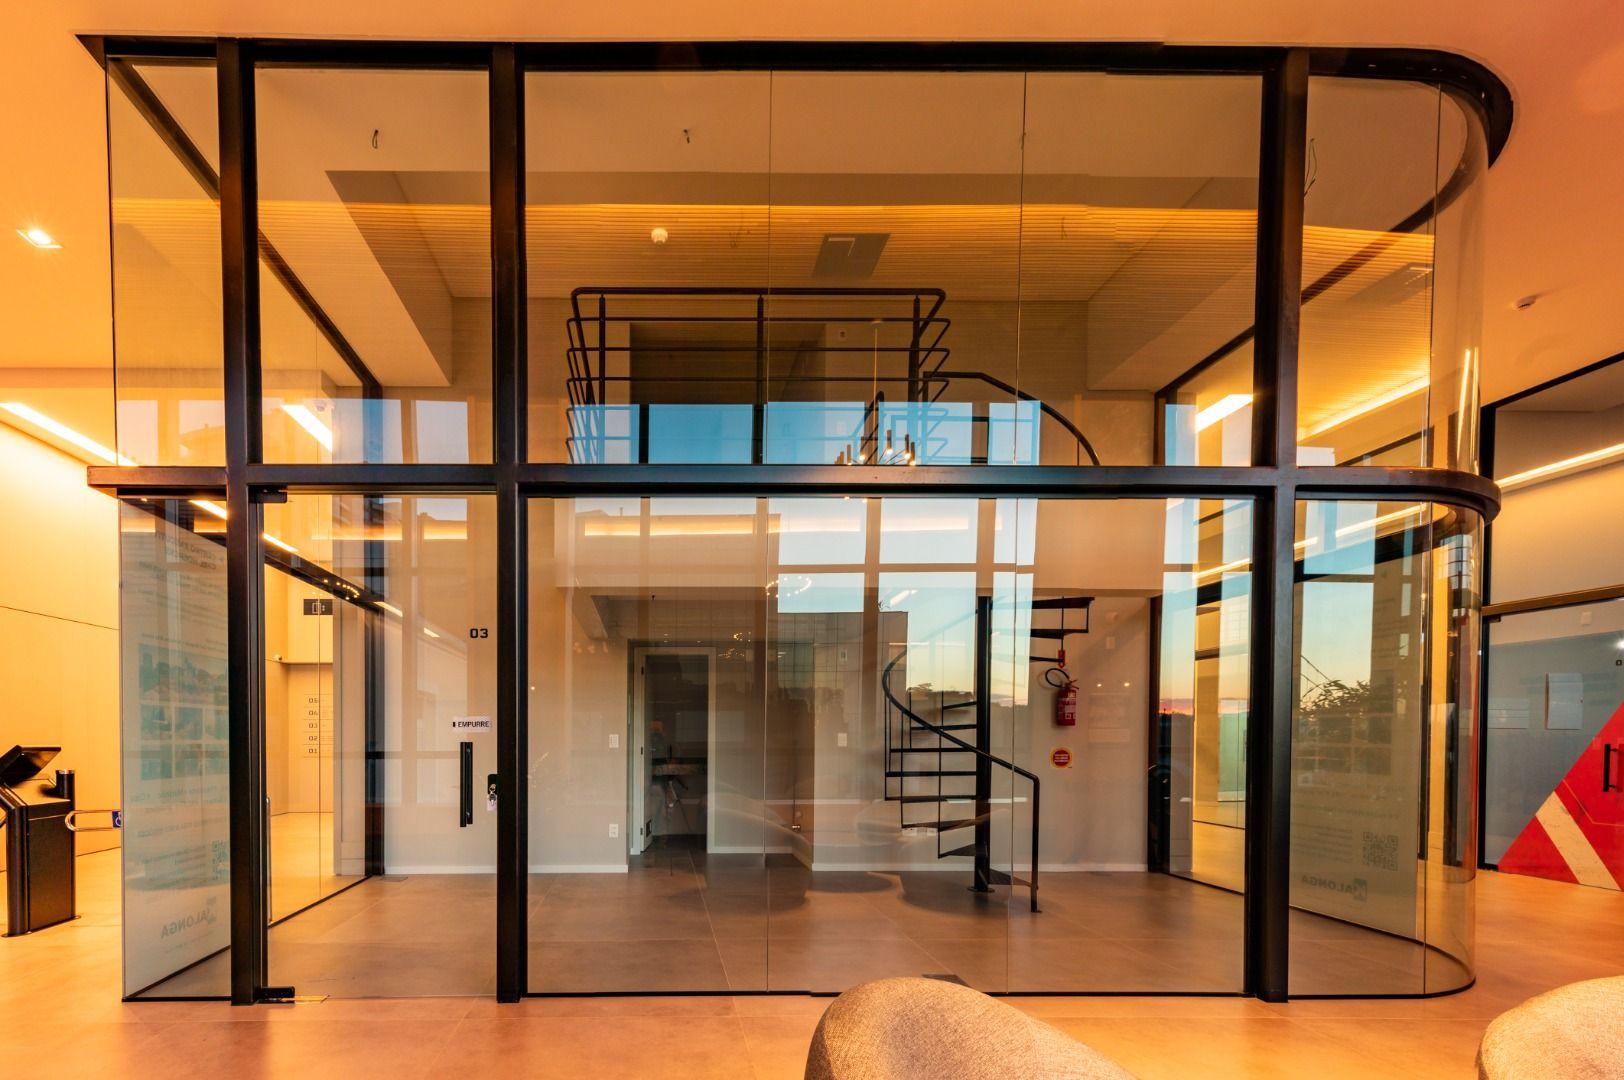 Loja para alugar, 81 m² por R$ 4.000/mês - Centro - Florianópolis/SC